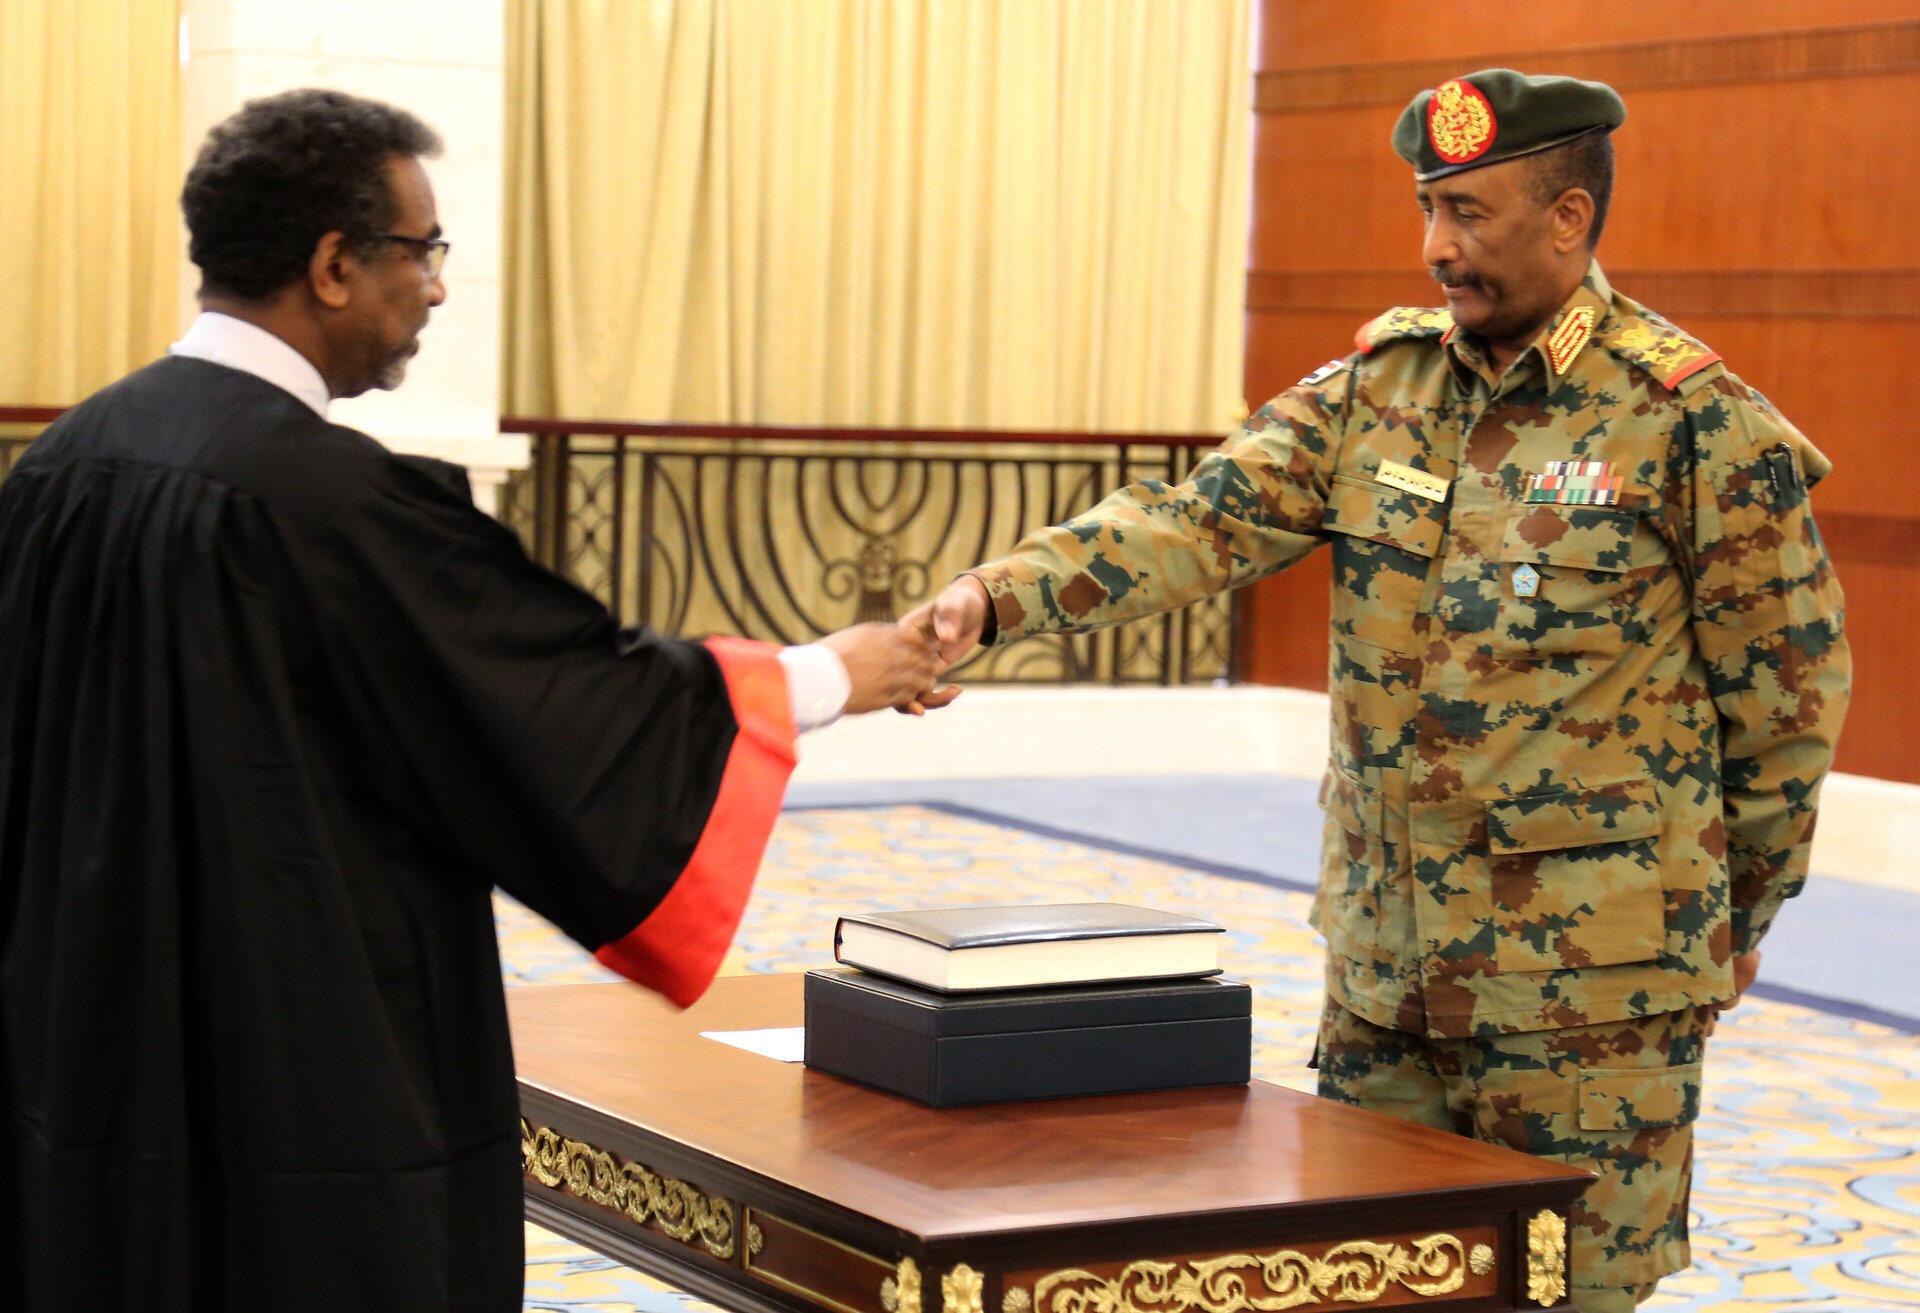 Le général Abdel Fattah al-Burhan prêtant serment comme président du nouveau Conseil souverain soudanais à Karthoum, le 21 août 2019.